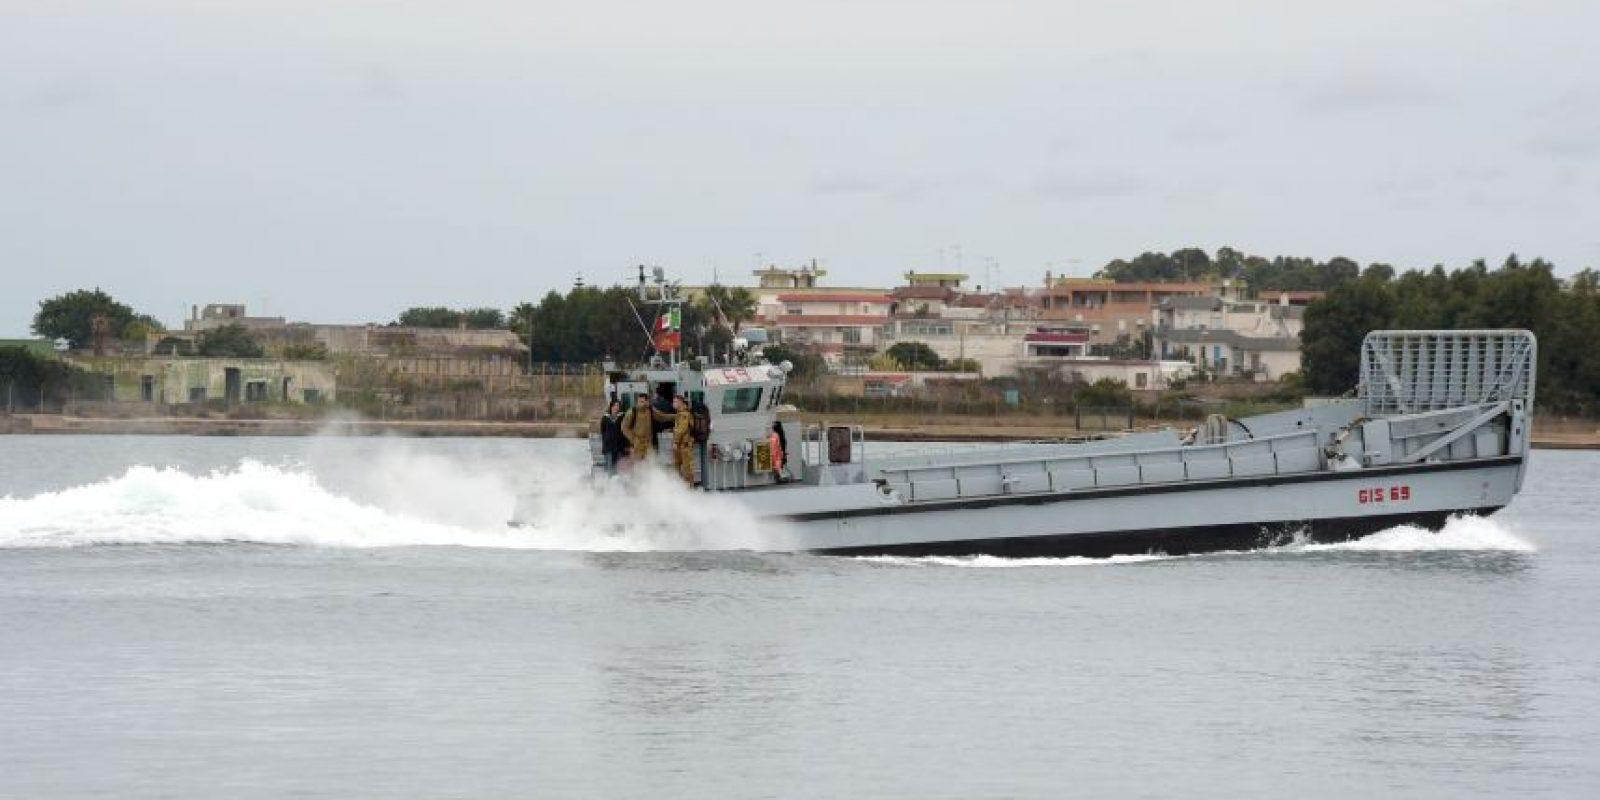 Las autoridades portuarias italianas han rescatado el cadáver de una de las personas que viajaban a bordo del barco mercante turco que naufragó en Italia tras colisionar con otro buque. Foto:AFP